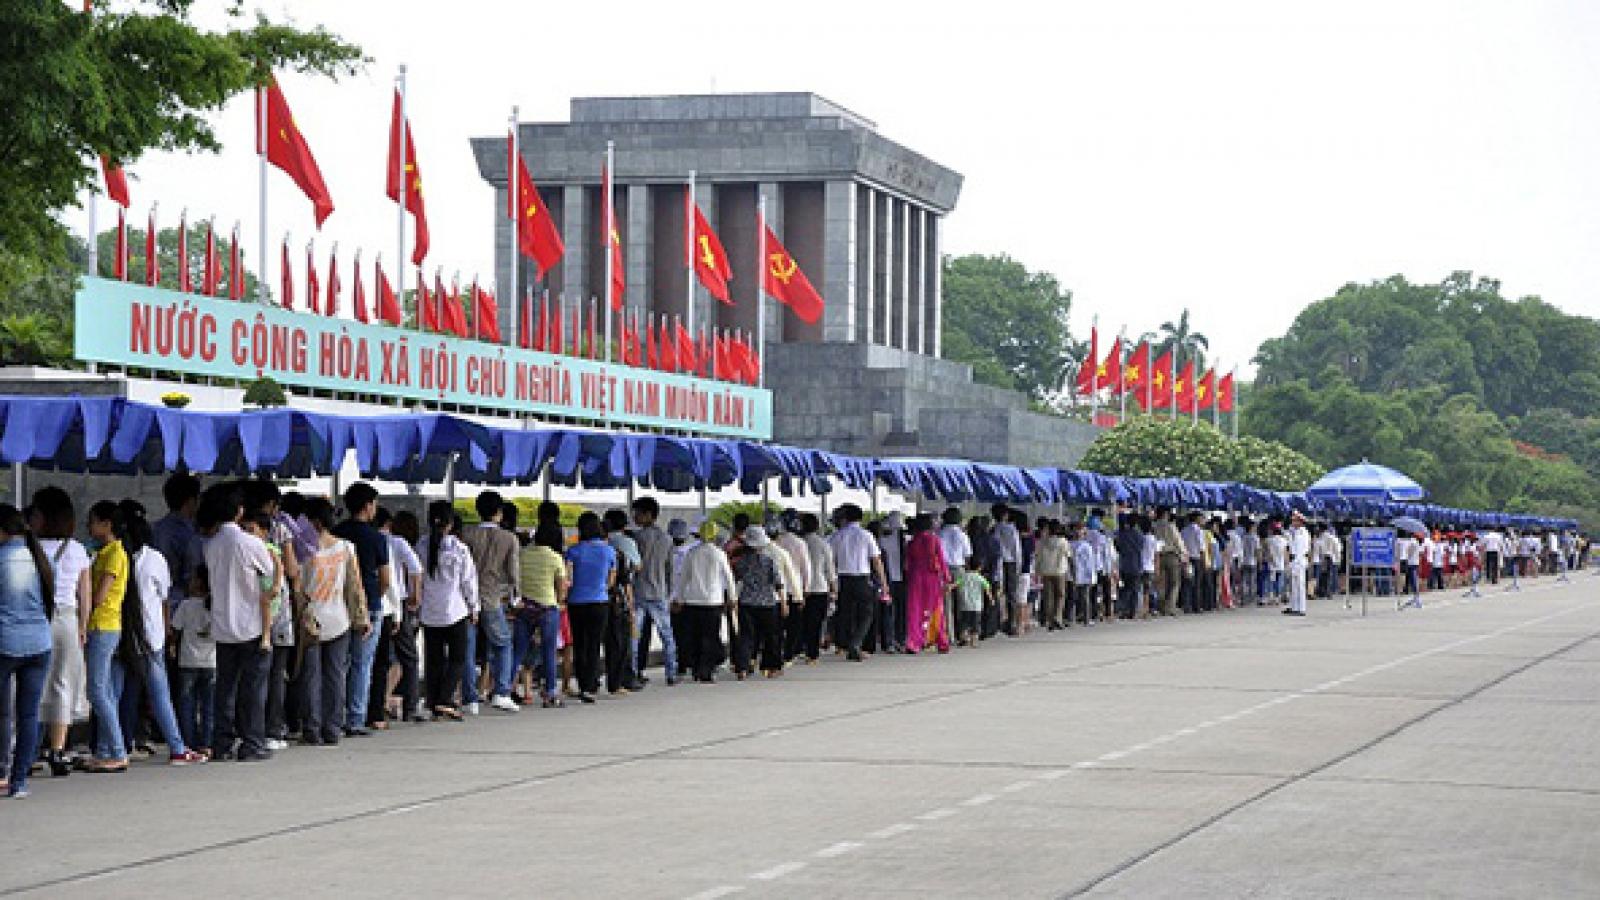 Từ ngày 30/10, tiếp tục tổ chức đón nhân dân vào Lăng viếng Chủ tịch Hồ Chí Minh